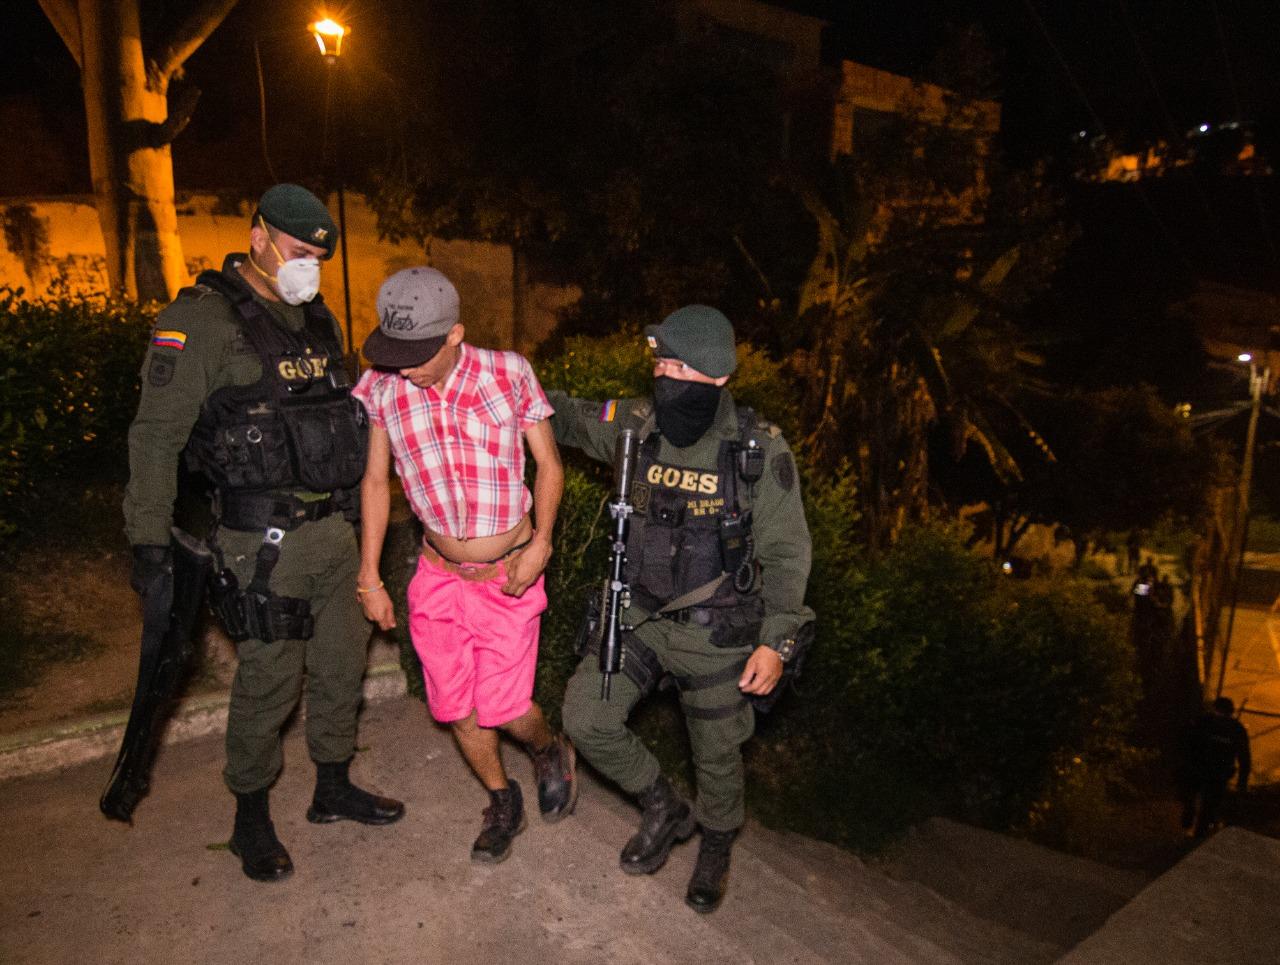 Floridablanca. 890 comparendos fueron aplicados por no cumplir confinamiento  | Floridablanca | Metro | EL FRENTE